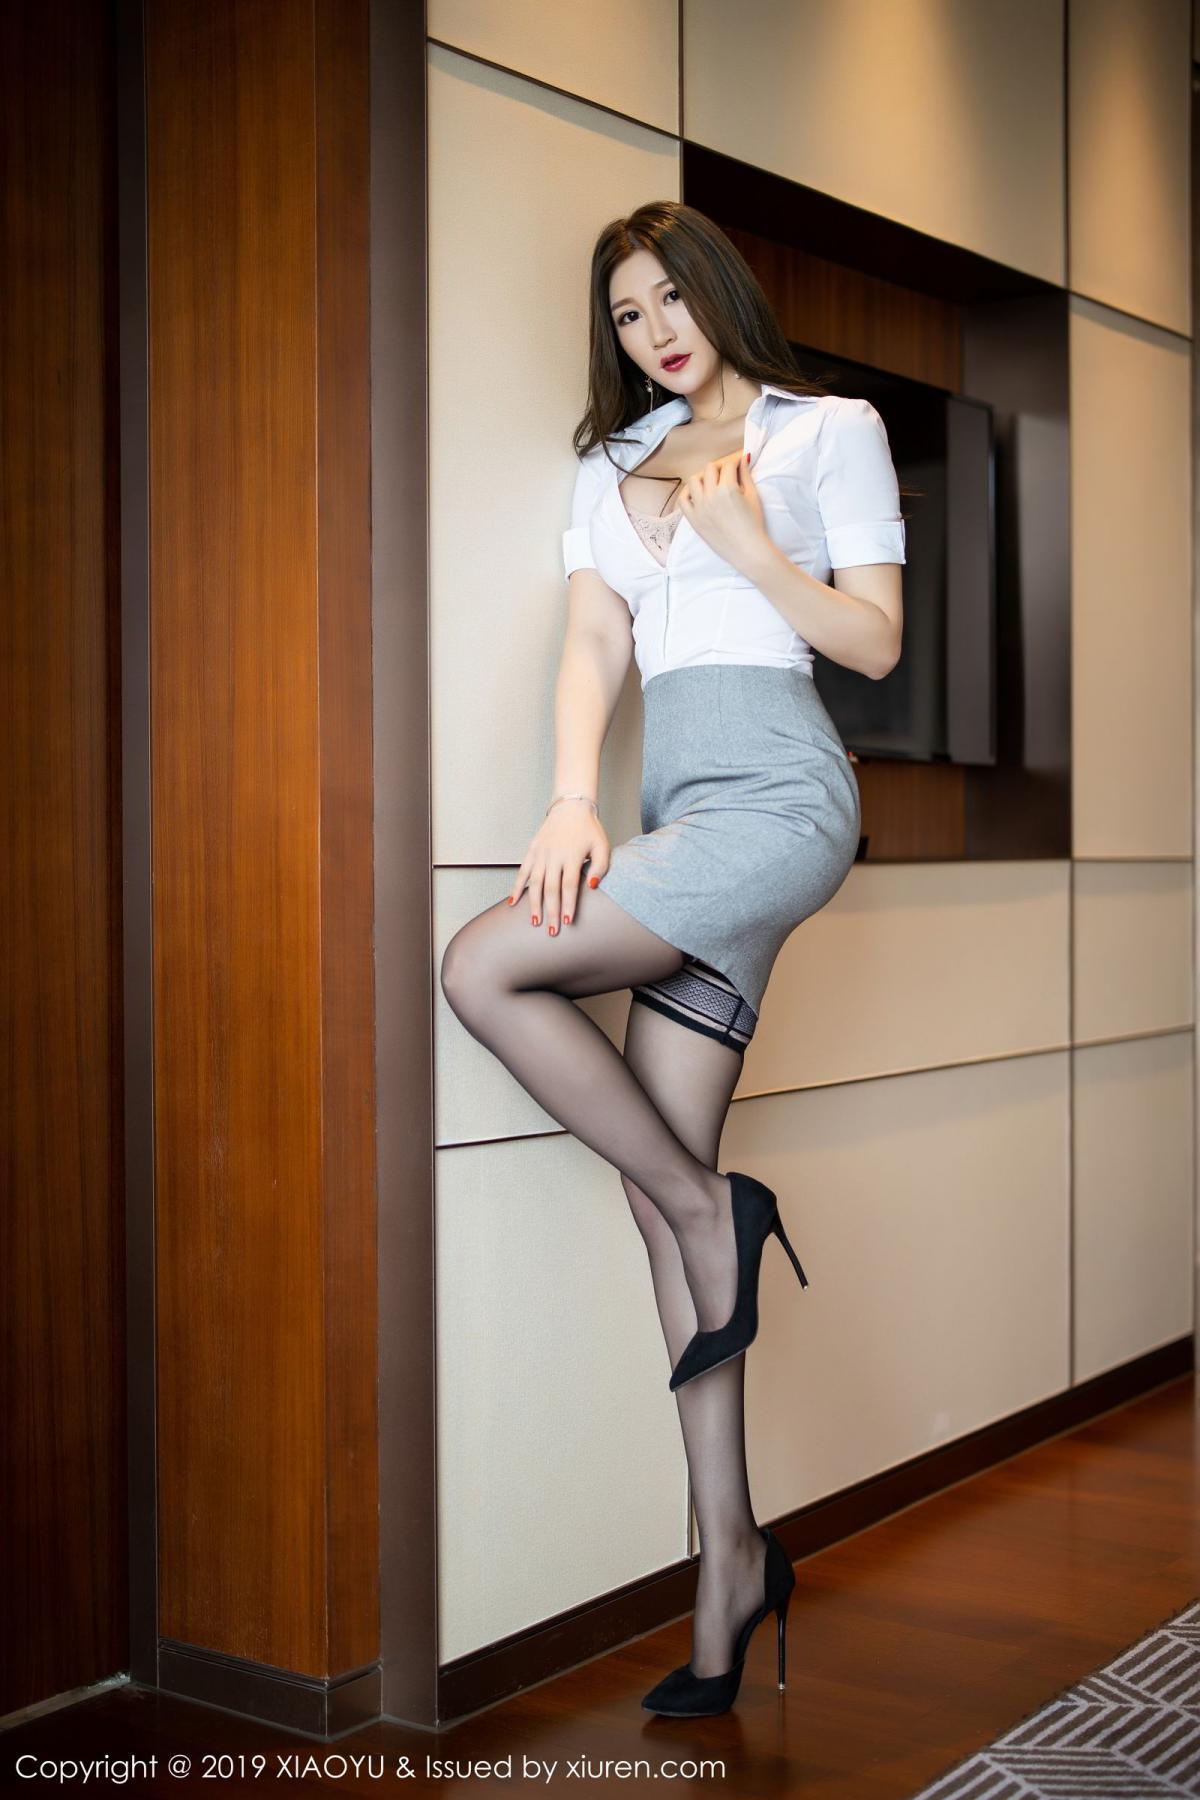 [XiaoYu] Vol.195 Xuan Zi 13P, Tall, Underwear, XiaoYu, Xuan Zi